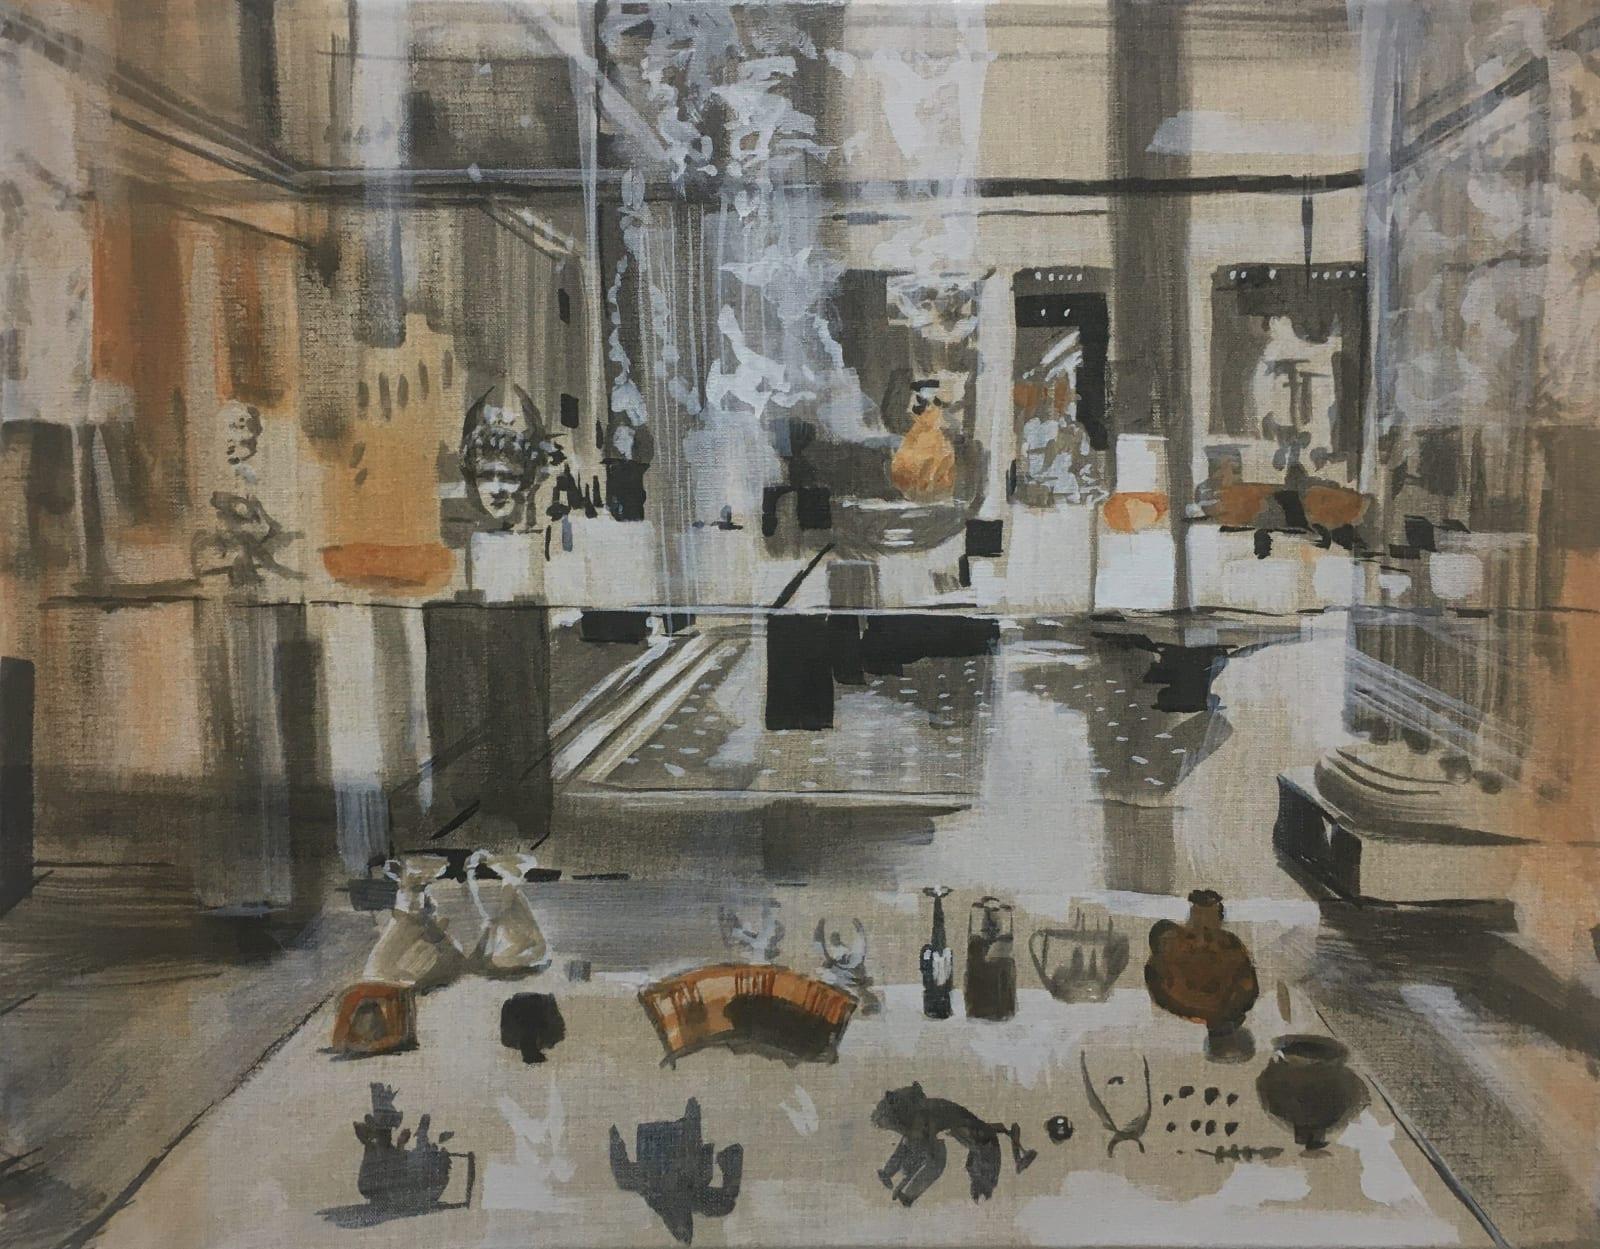 Elizabeth Schwaiger, Quiet Collection, 2020